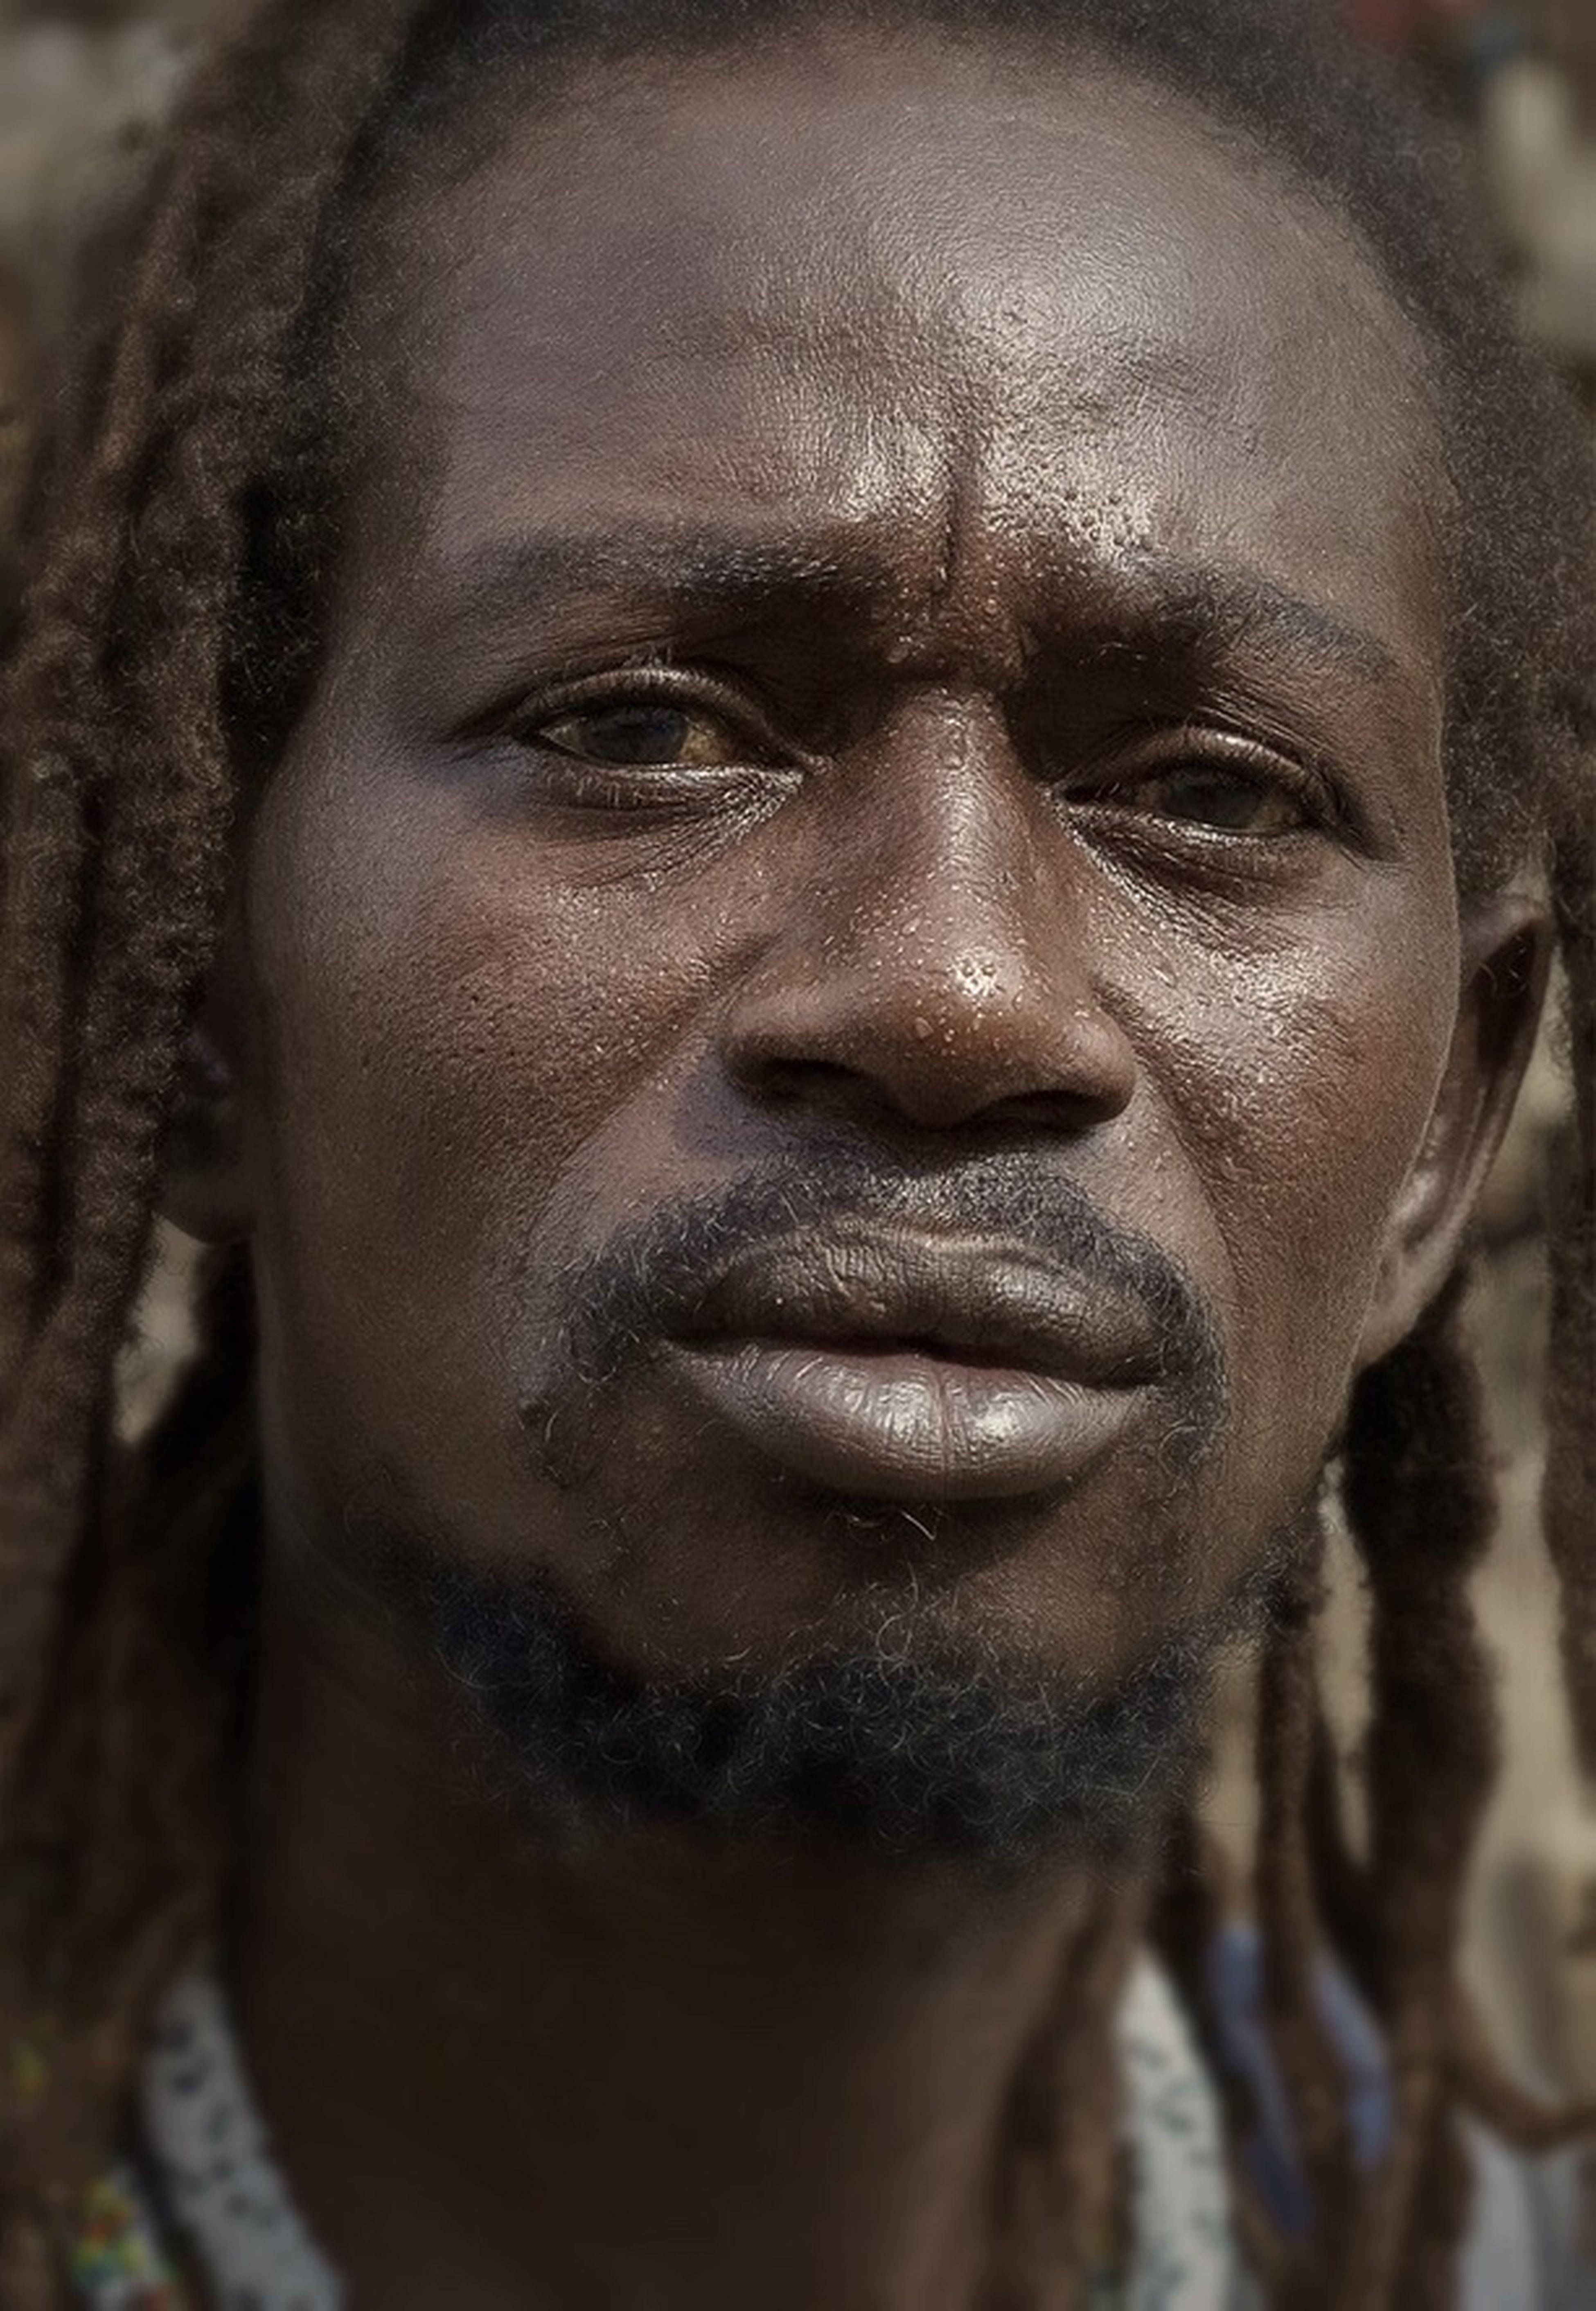 Amadou Portrait Street Portrait African